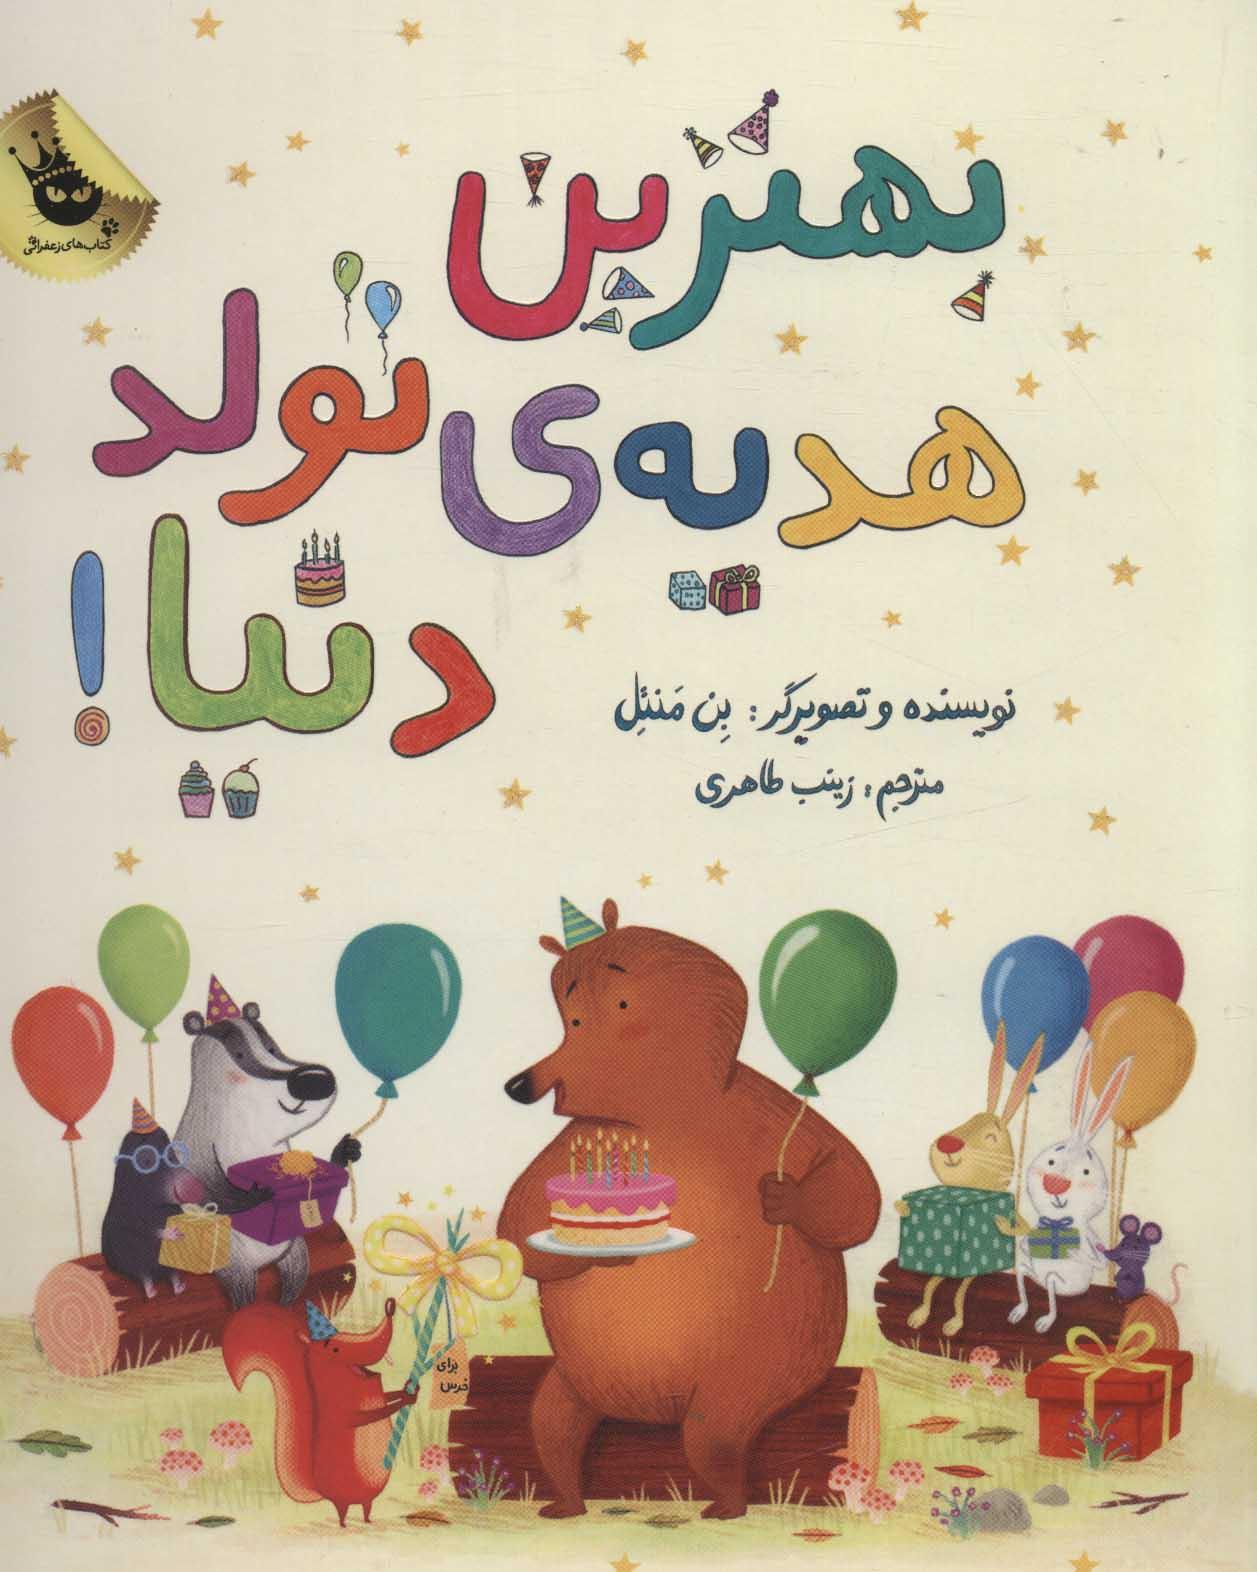 کتاب بهترین هدیه ی تولد دنیا!